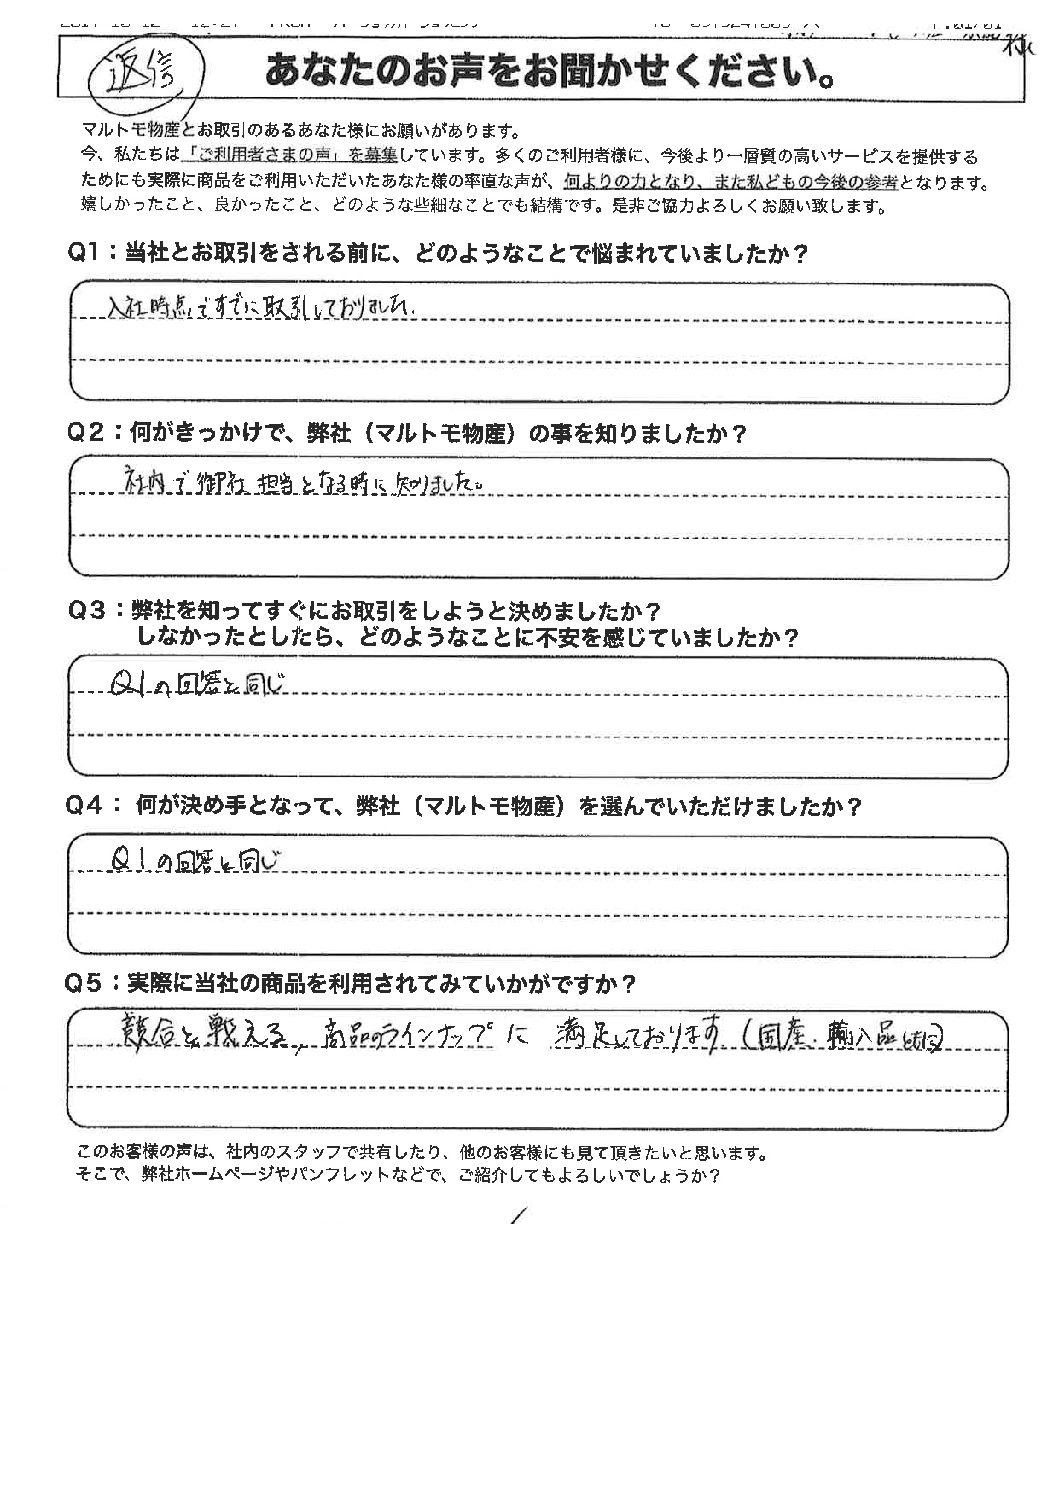 宮城県 総合食品卸 S社様